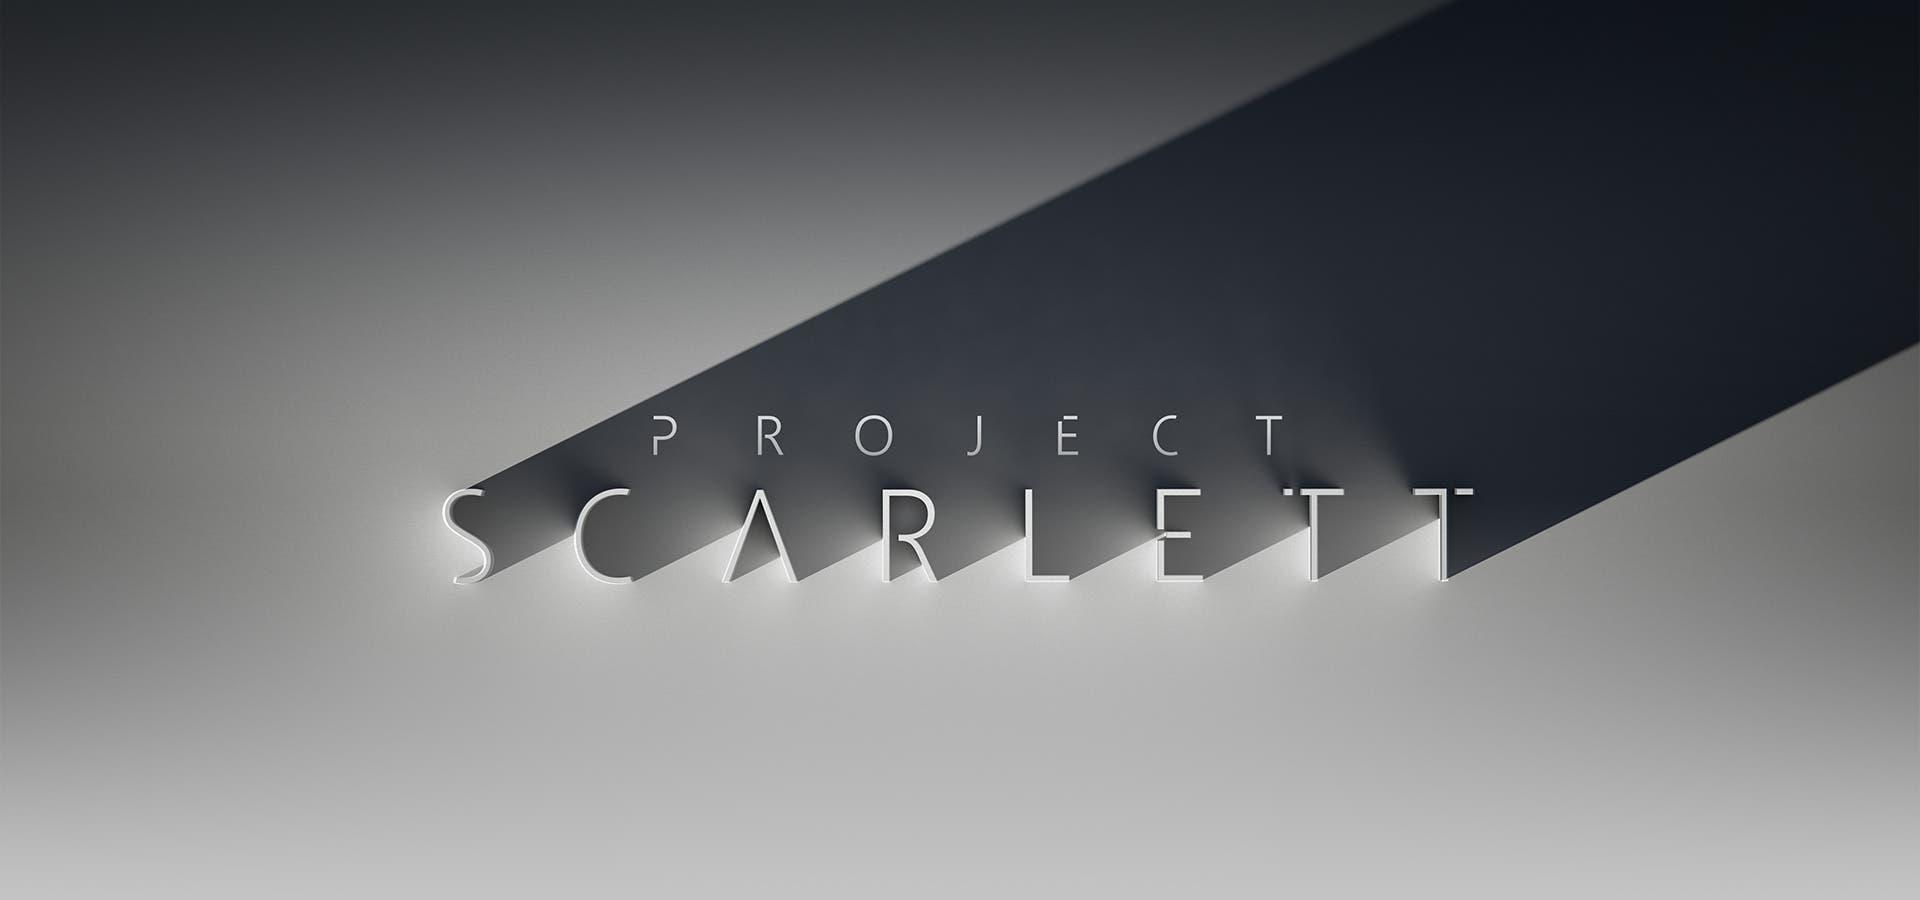 Phil Spencer asegura que Xbox Scarlett no estará fuera de posición en potencia y precio 3